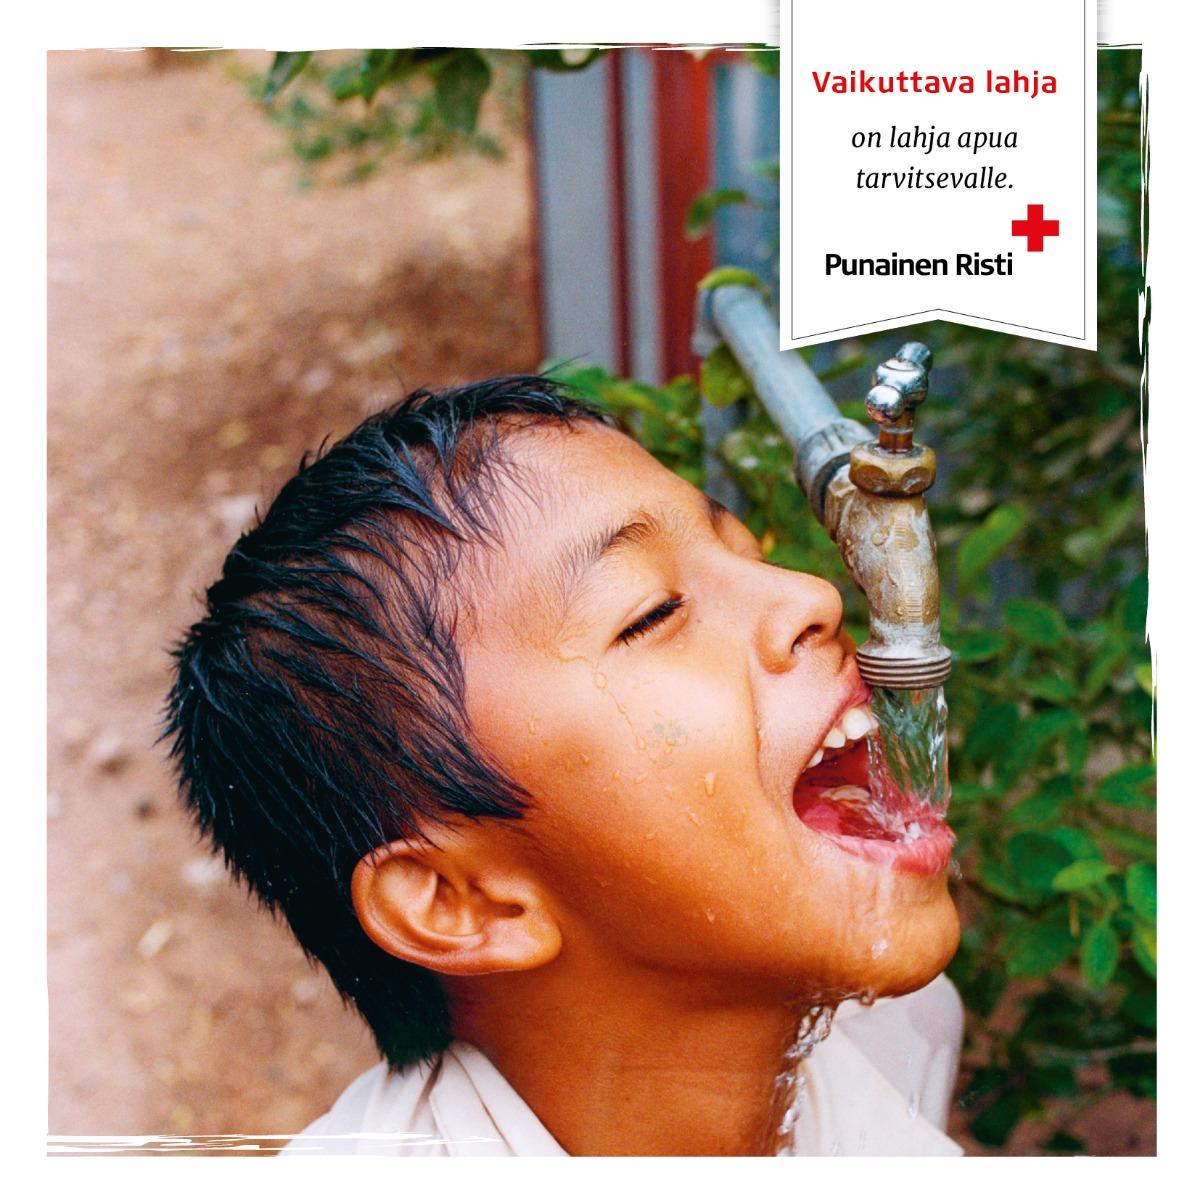 Puhdasta vettä lapselle vuodeksi, 15 €/kpl